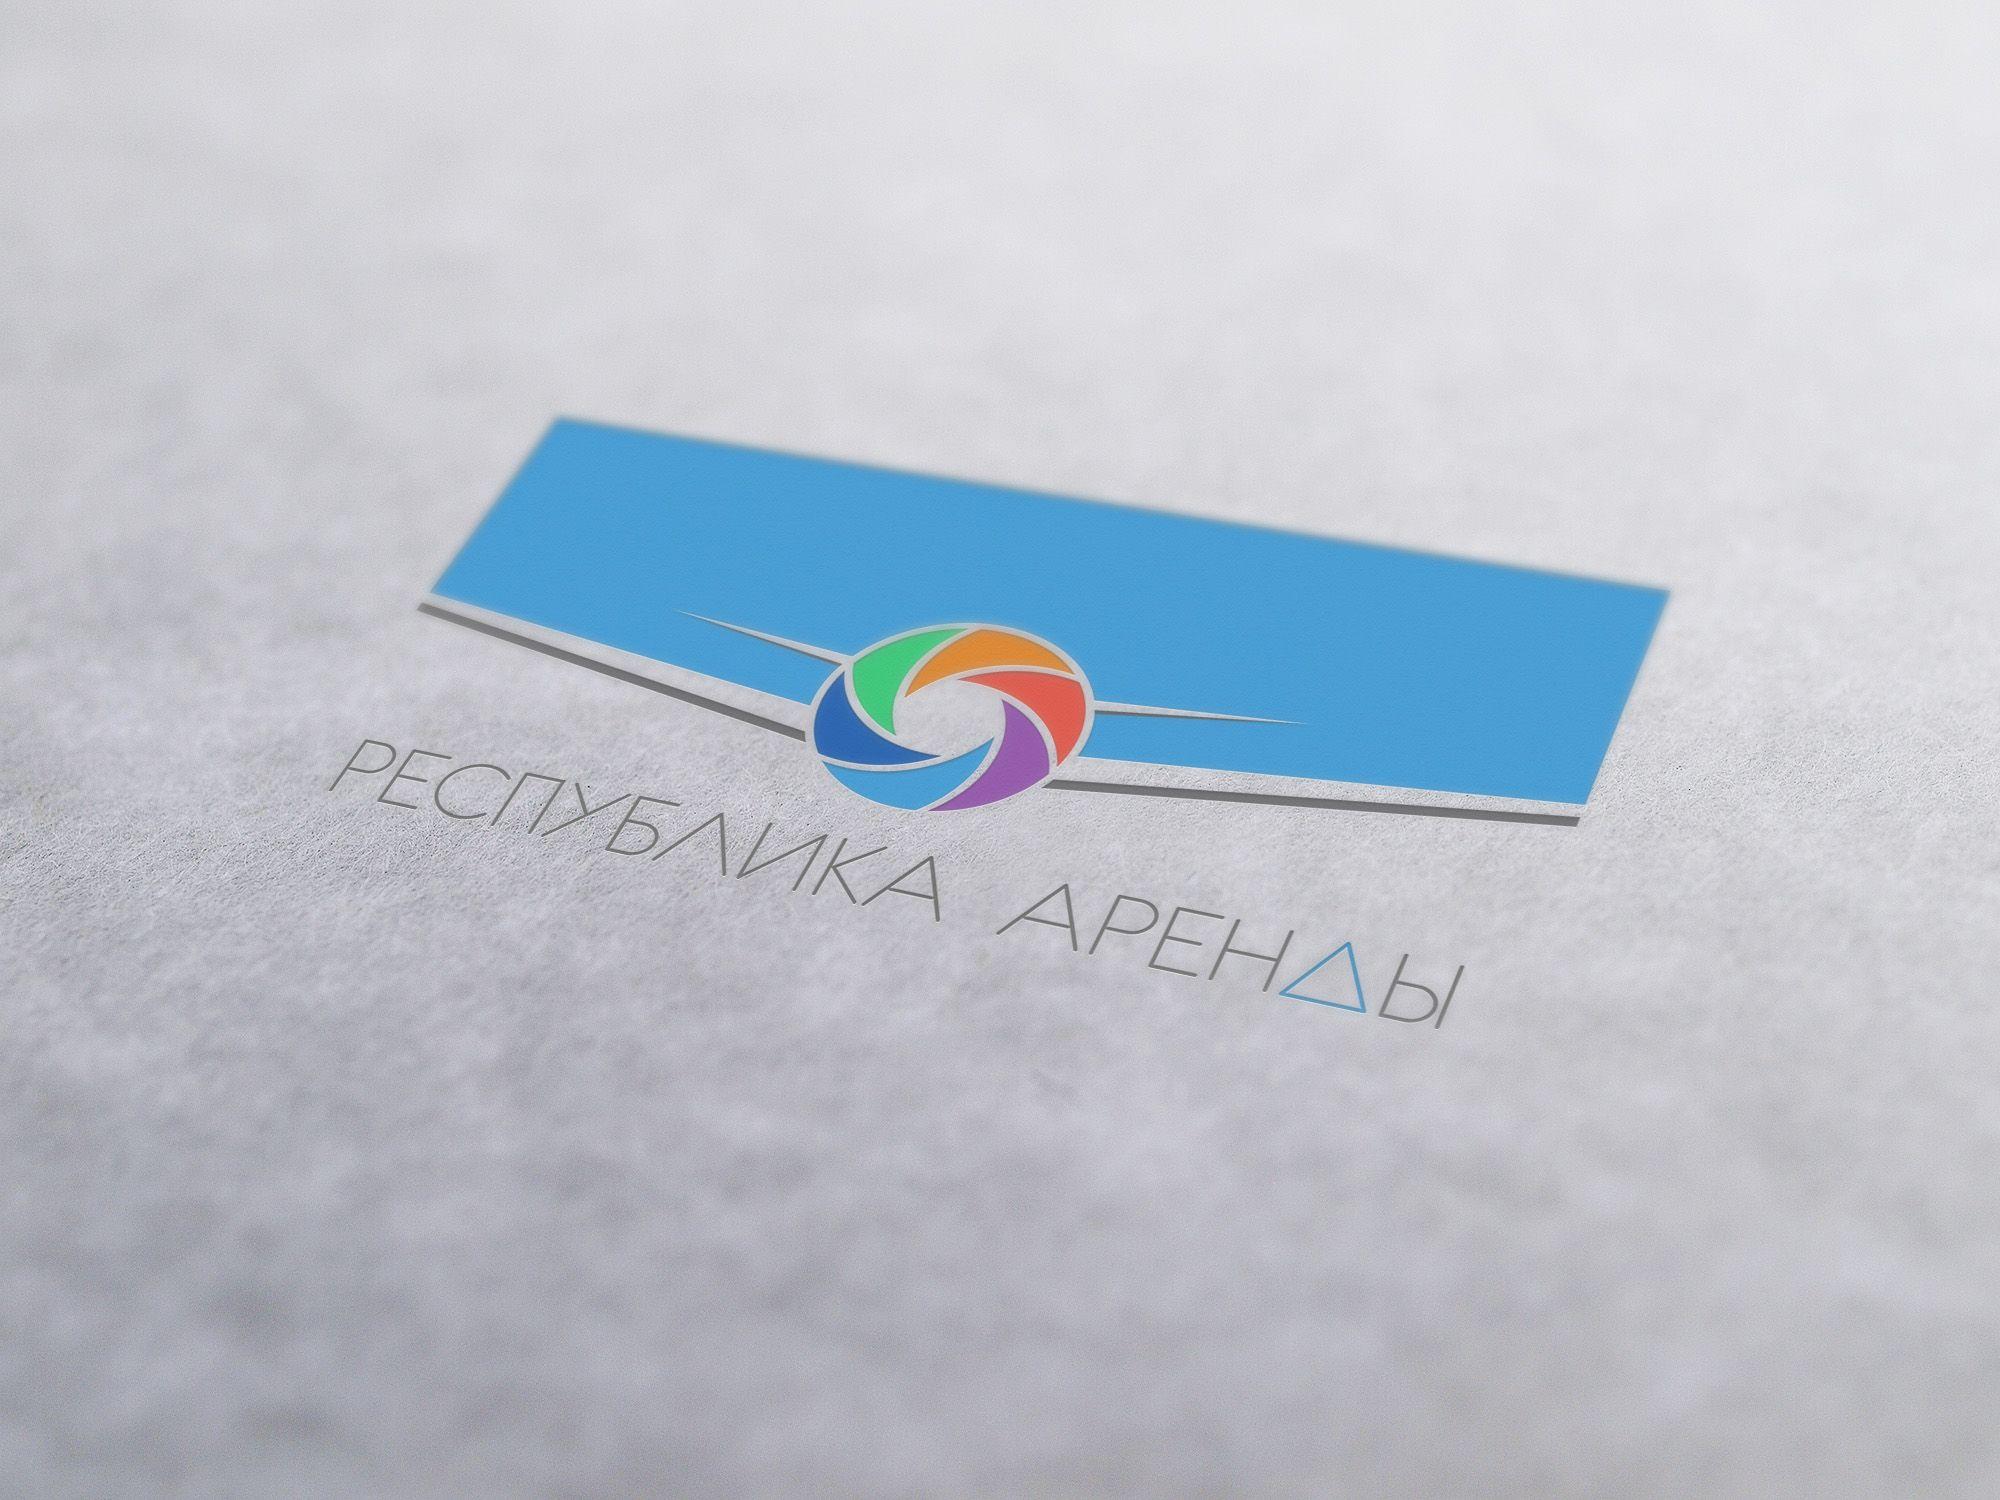 Логотип для компании по аренде квадракоптеров - дизайнер Elshan